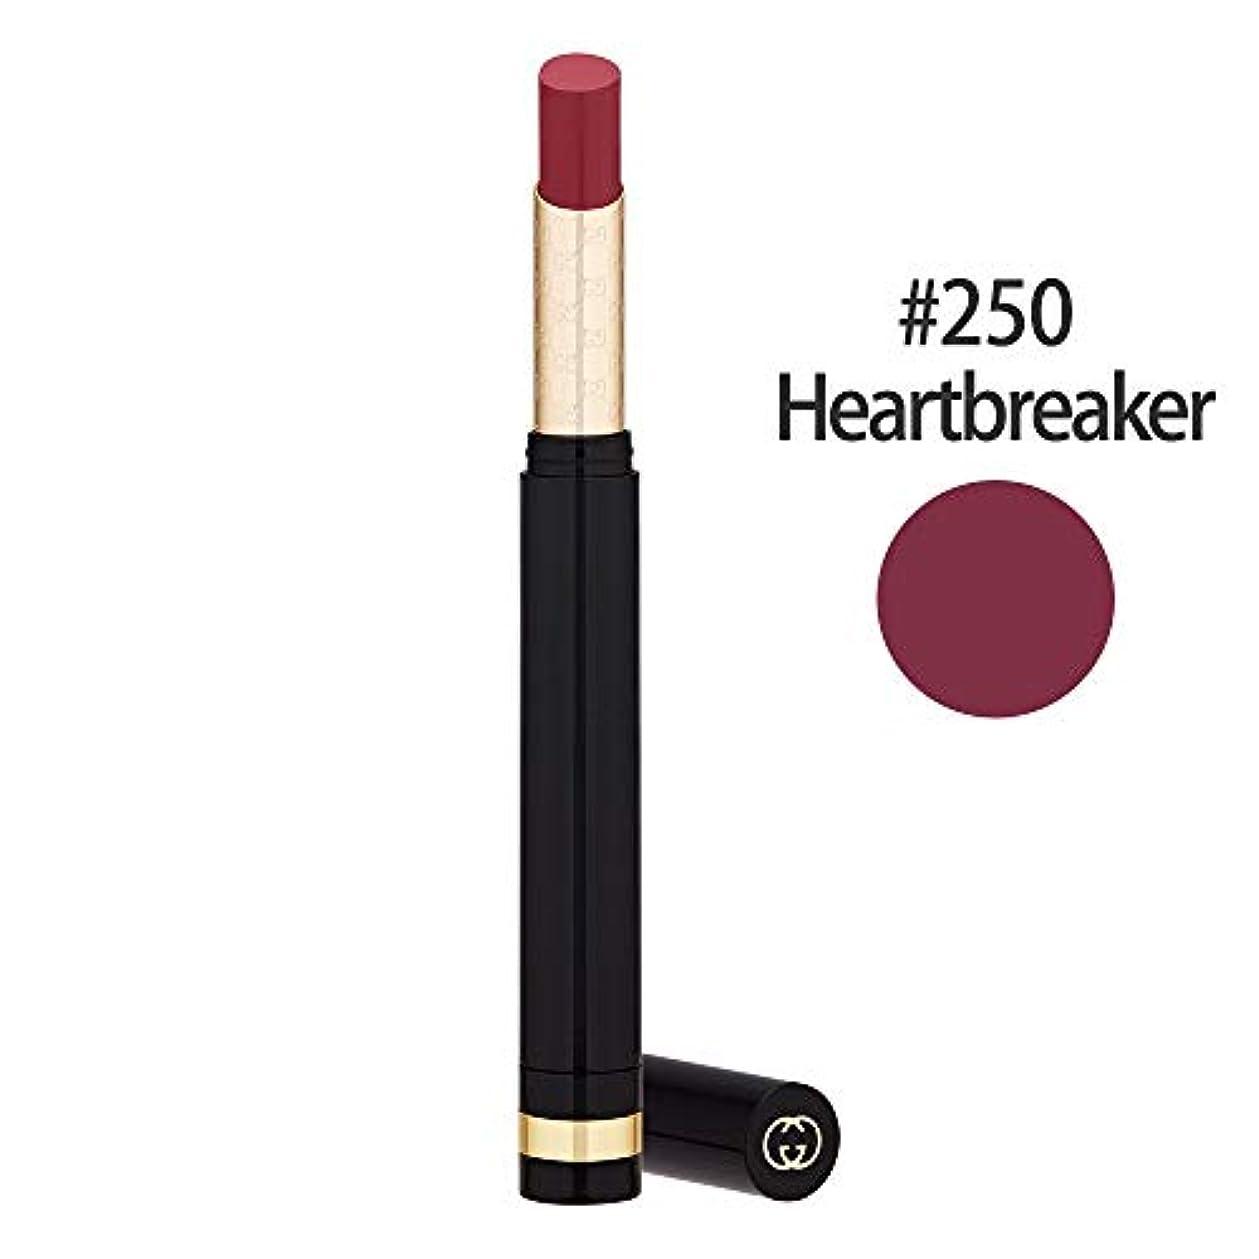 憂慮すべき砂漠工業化するグッチ(GUCCI) センシュアスディープマット リップスティック #250(Heartbreaker) 1.5g [並行輸入品]